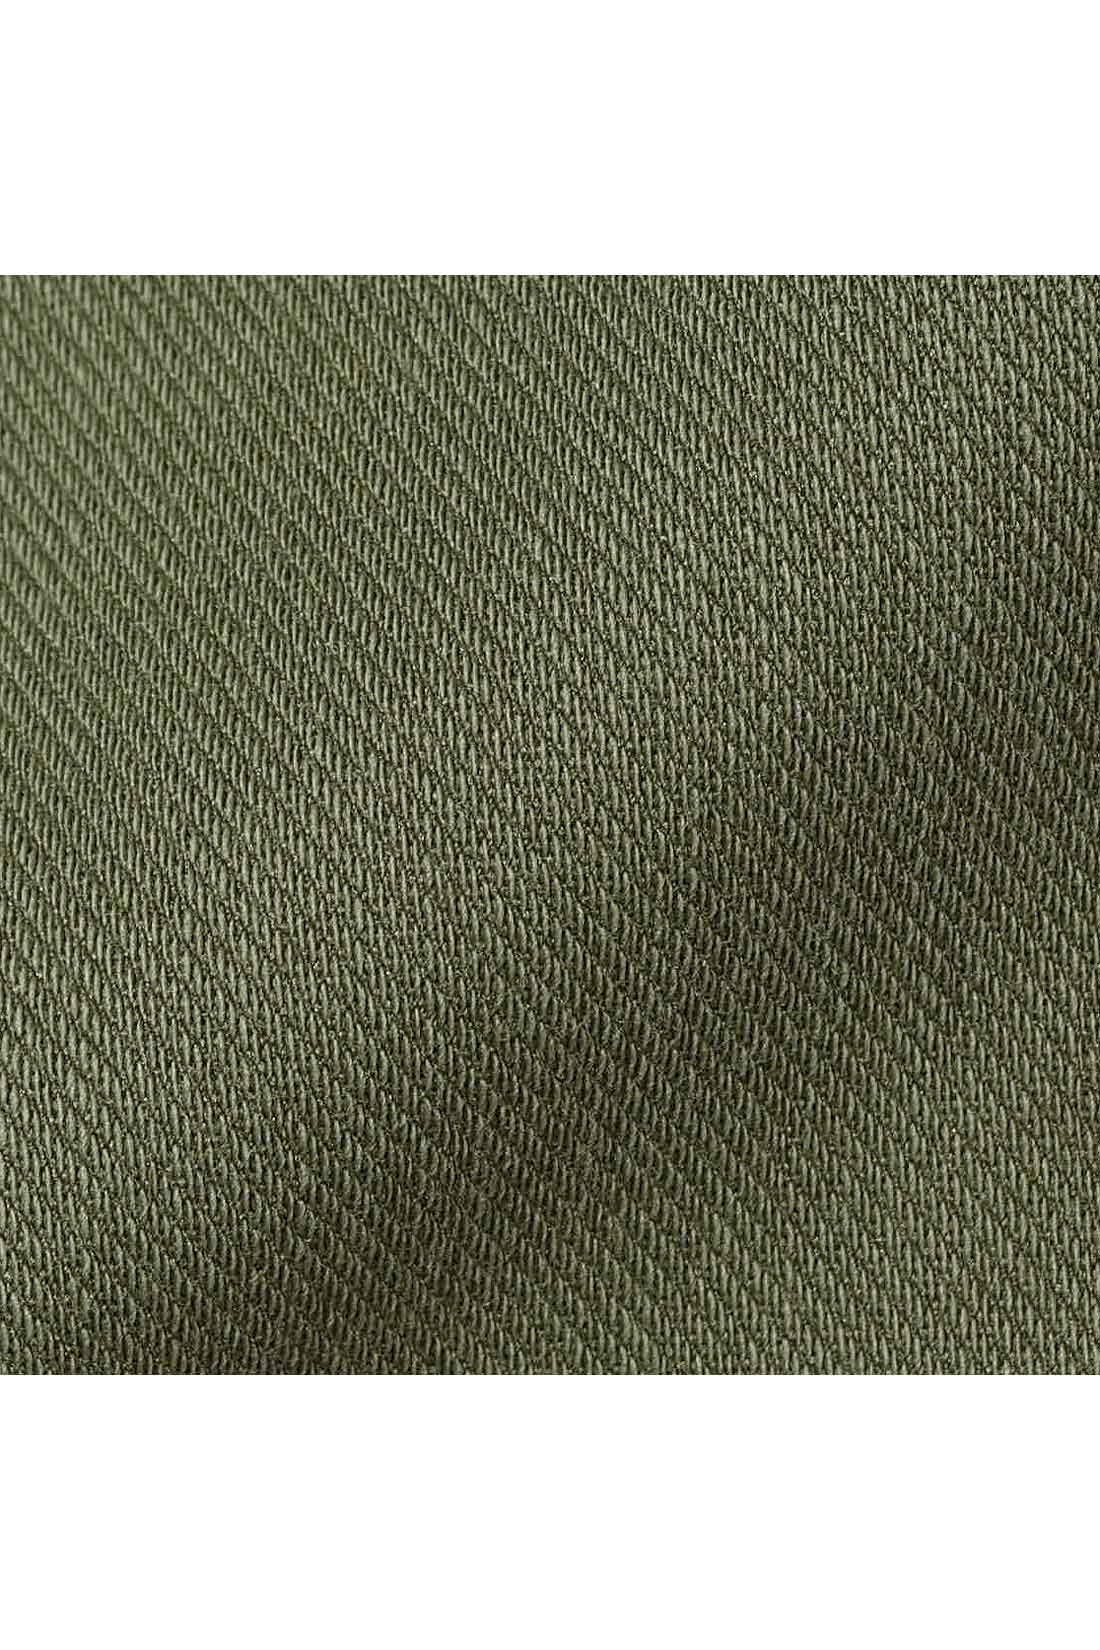 ストレッチ素材同士を貼り合わせて厚みを持たせたボンディング素材。